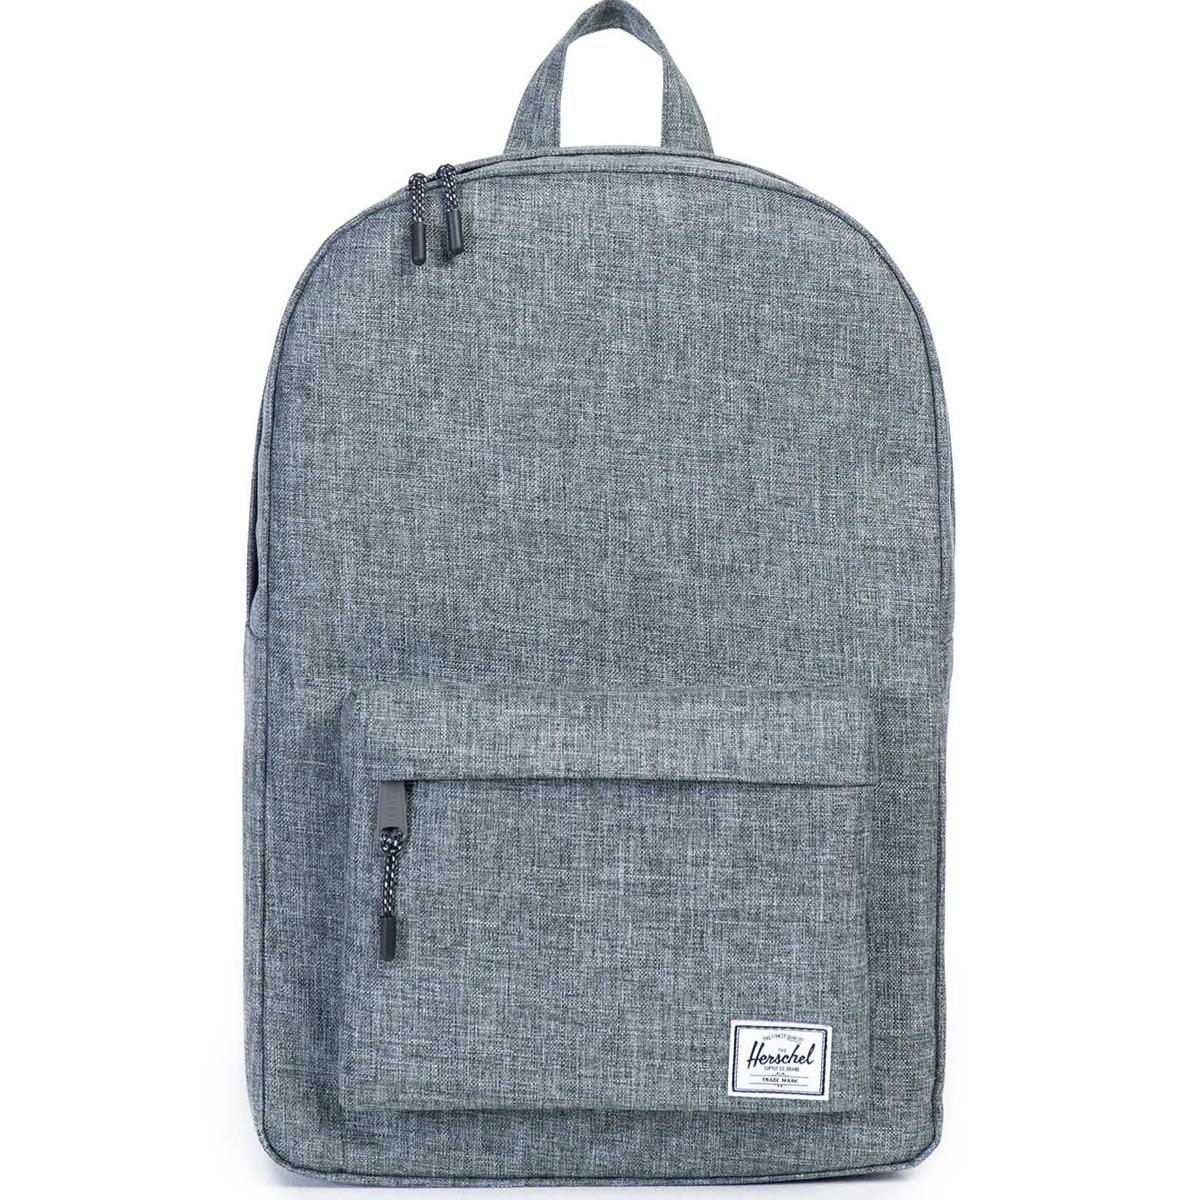 Рюкзак городской Herschel Classic (A/S), цвет: серый. 828432100385828432100385Рюкзак Herschel Classic целиком и полностью оправдывает свое название, выражая совершенство в лаконичных и идеальных линиях. Этот рюкзак создан для любых целей и поездок и отлично впишется в абсолютно любой стиль.